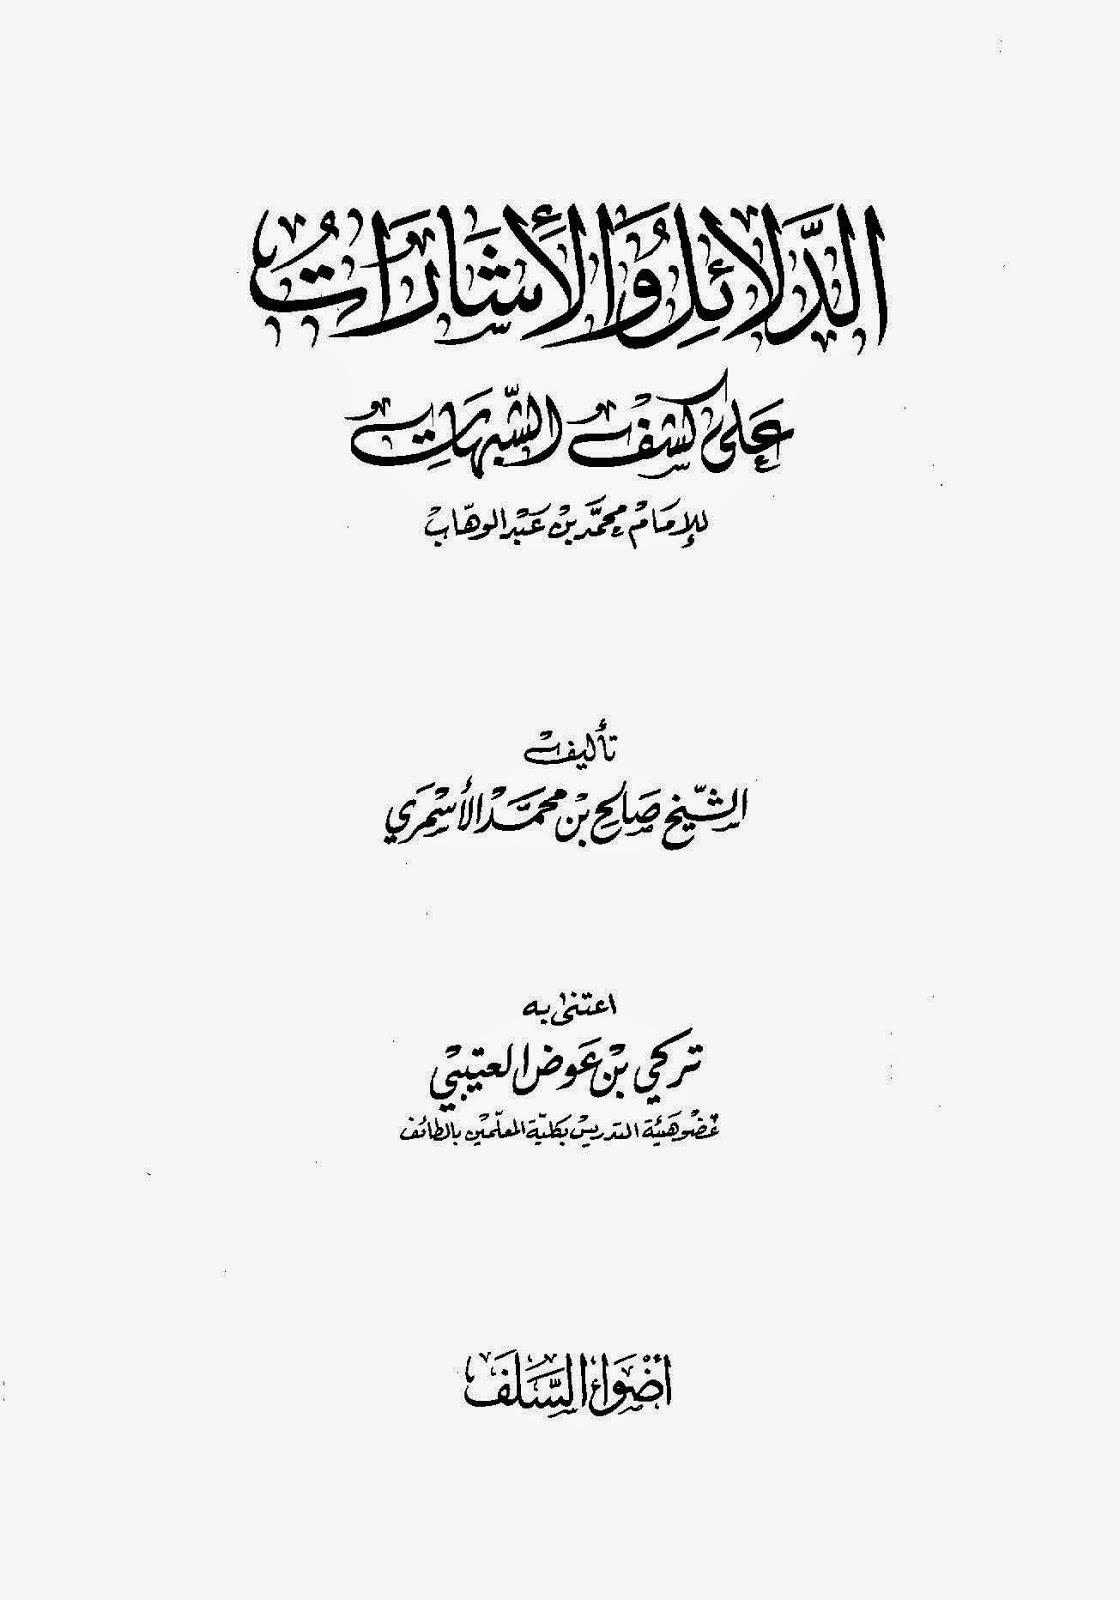 الدلائل والإشارات على كشف الشبهات - صالح الأسمري pdf